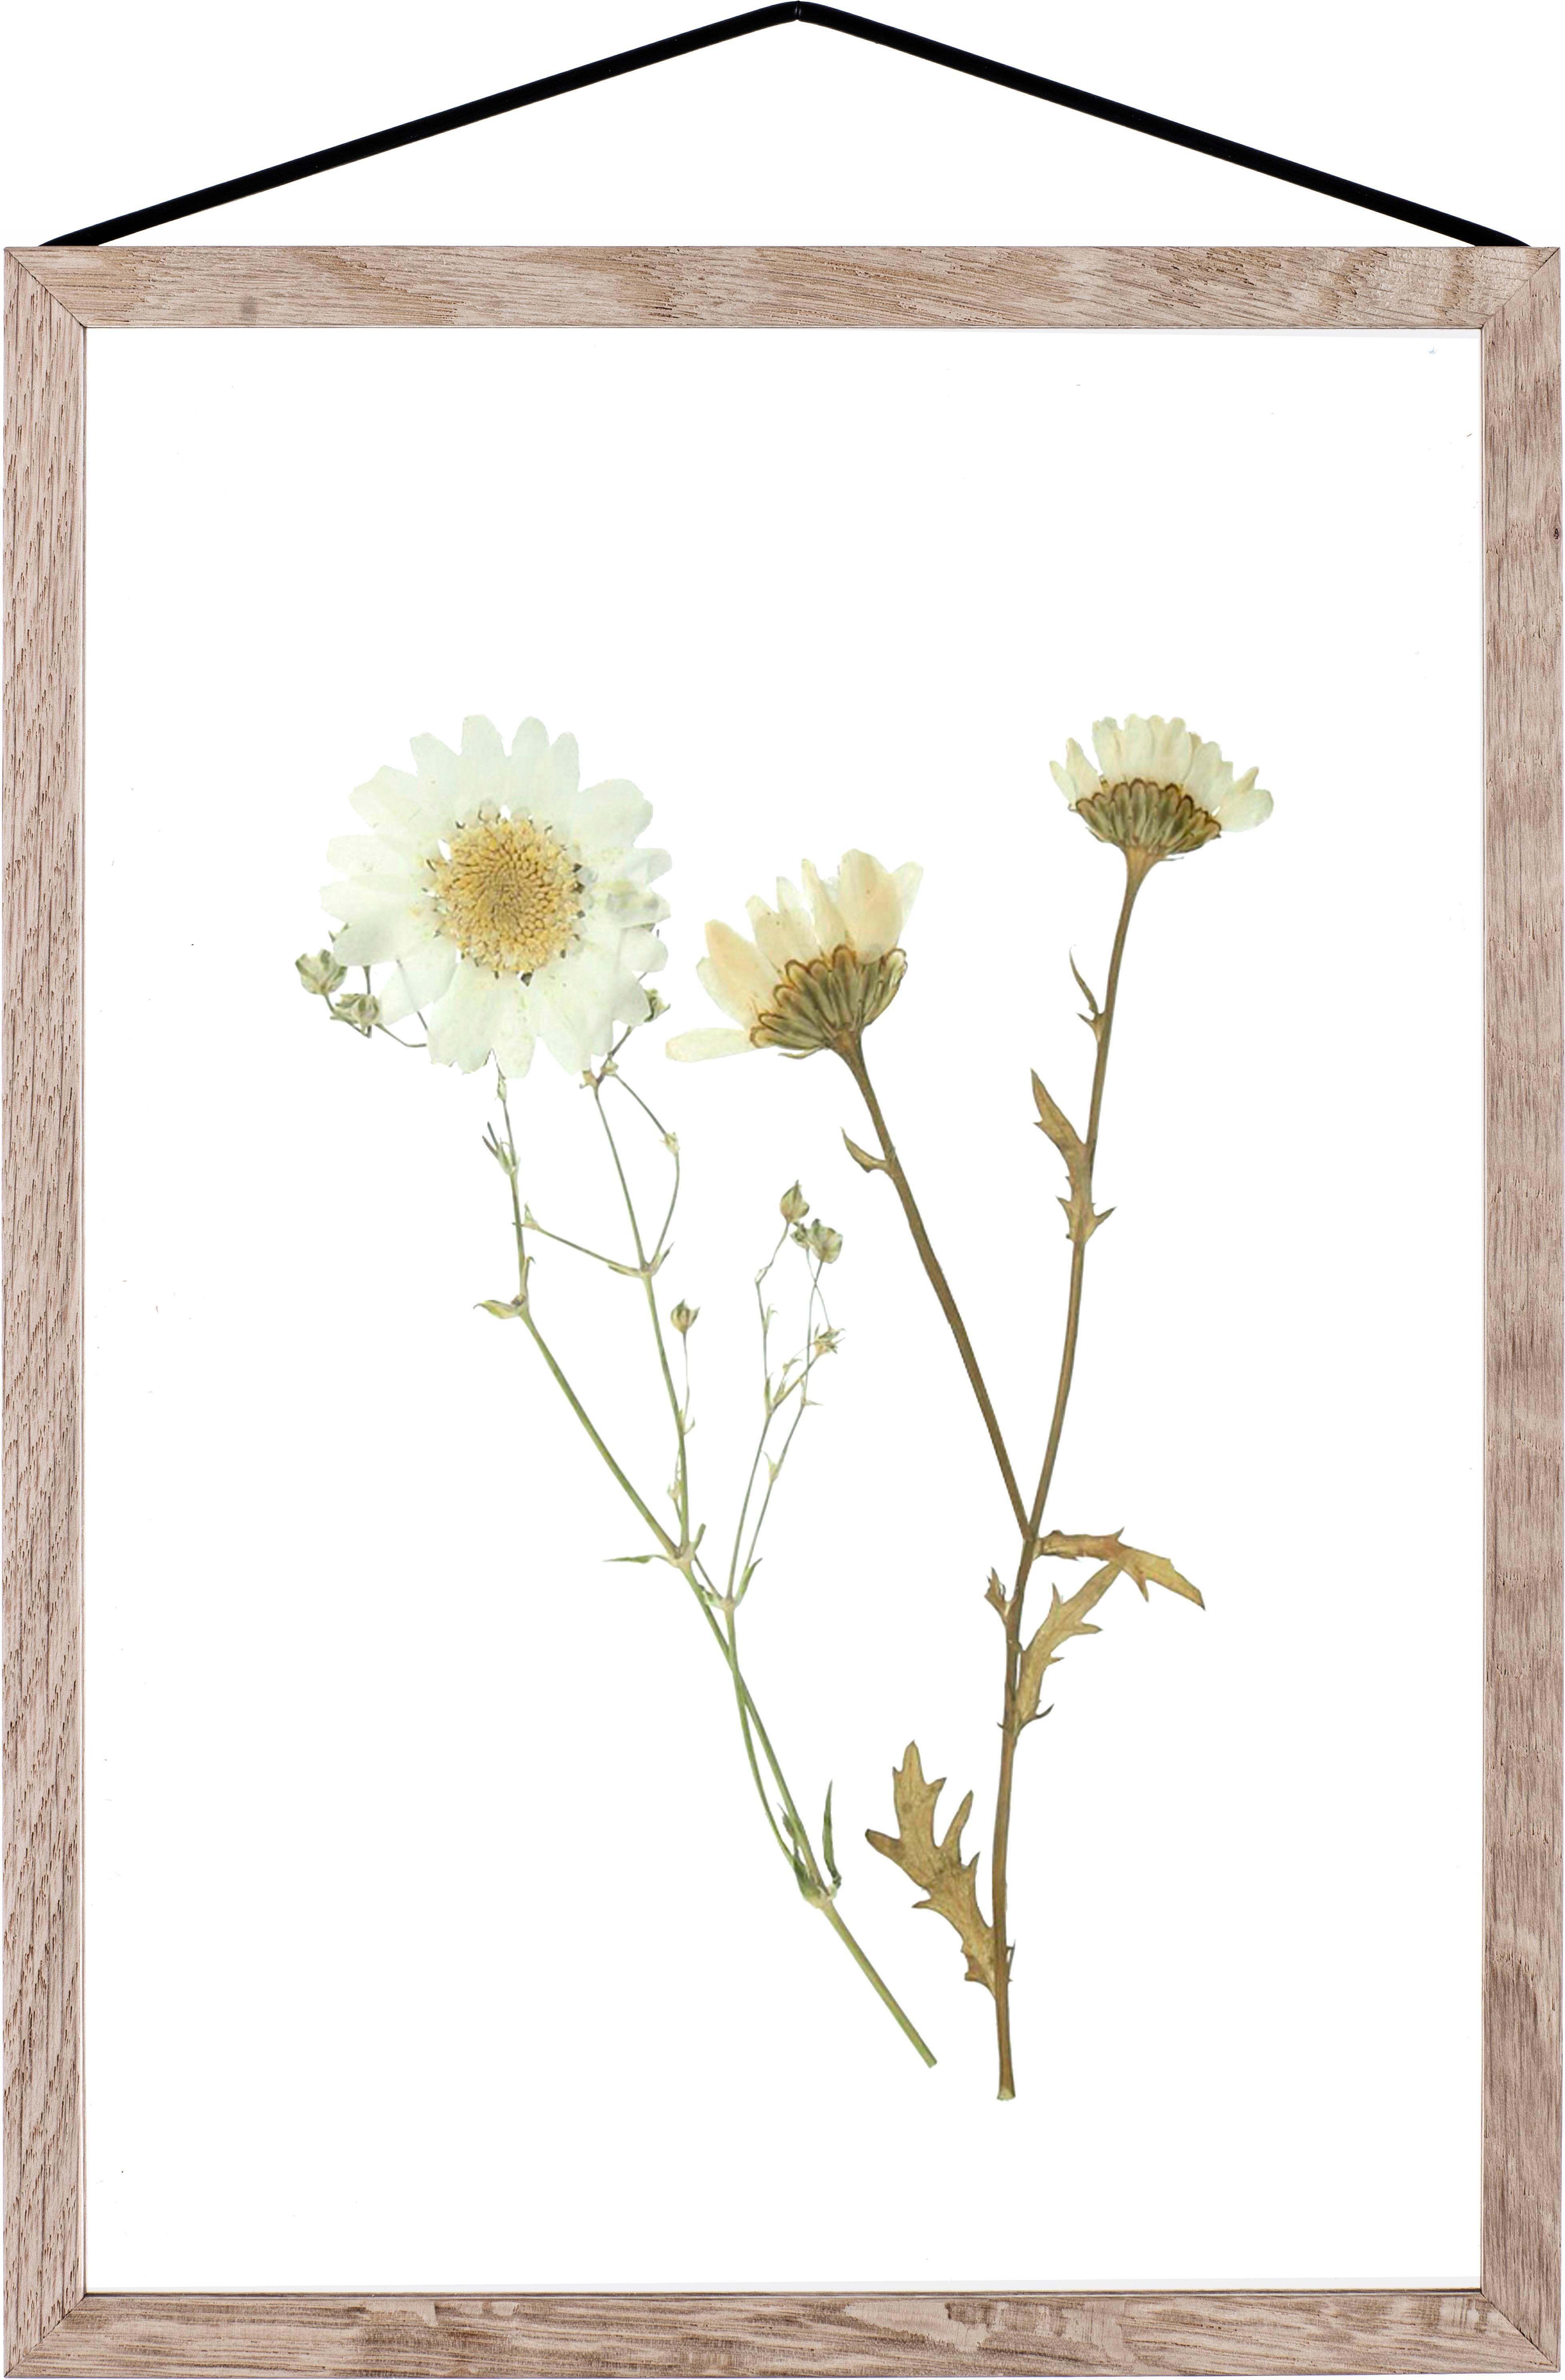 Bilderrahmen Frame, Rahmen: Eichenholz, unbehandelt, Rahmen: Eiche<br>Aufhängung: Schwarz<br>Front und Rückseite: Transparent, 23 x 31 cm